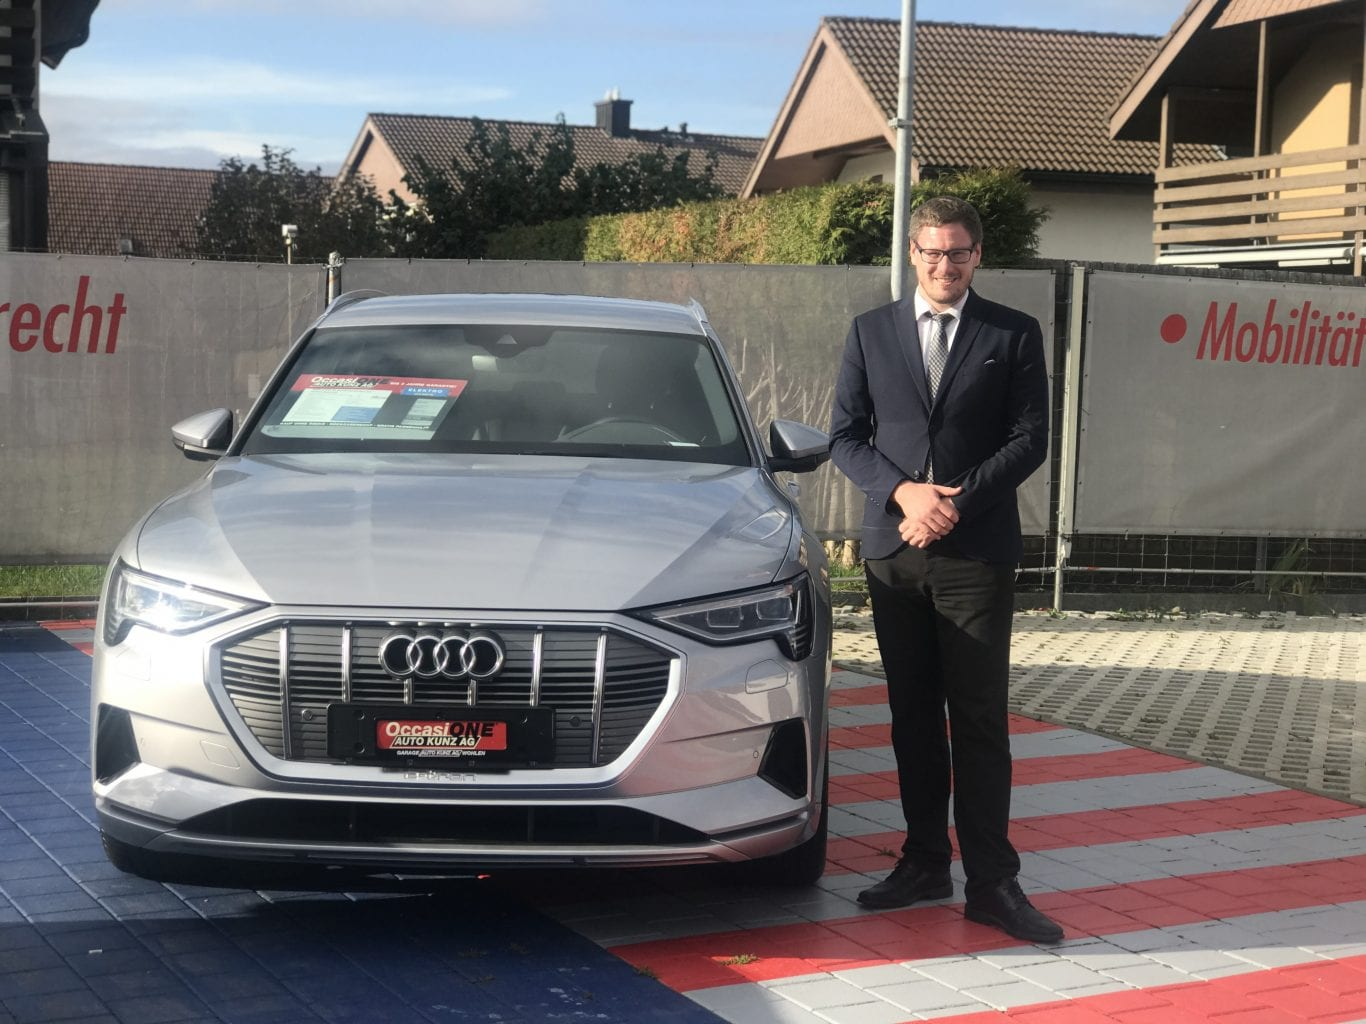 Martin Büchel eidgenössische höhere Fachprüfung für Verkaufsleiter bestanden - Auto Kunz AG 4